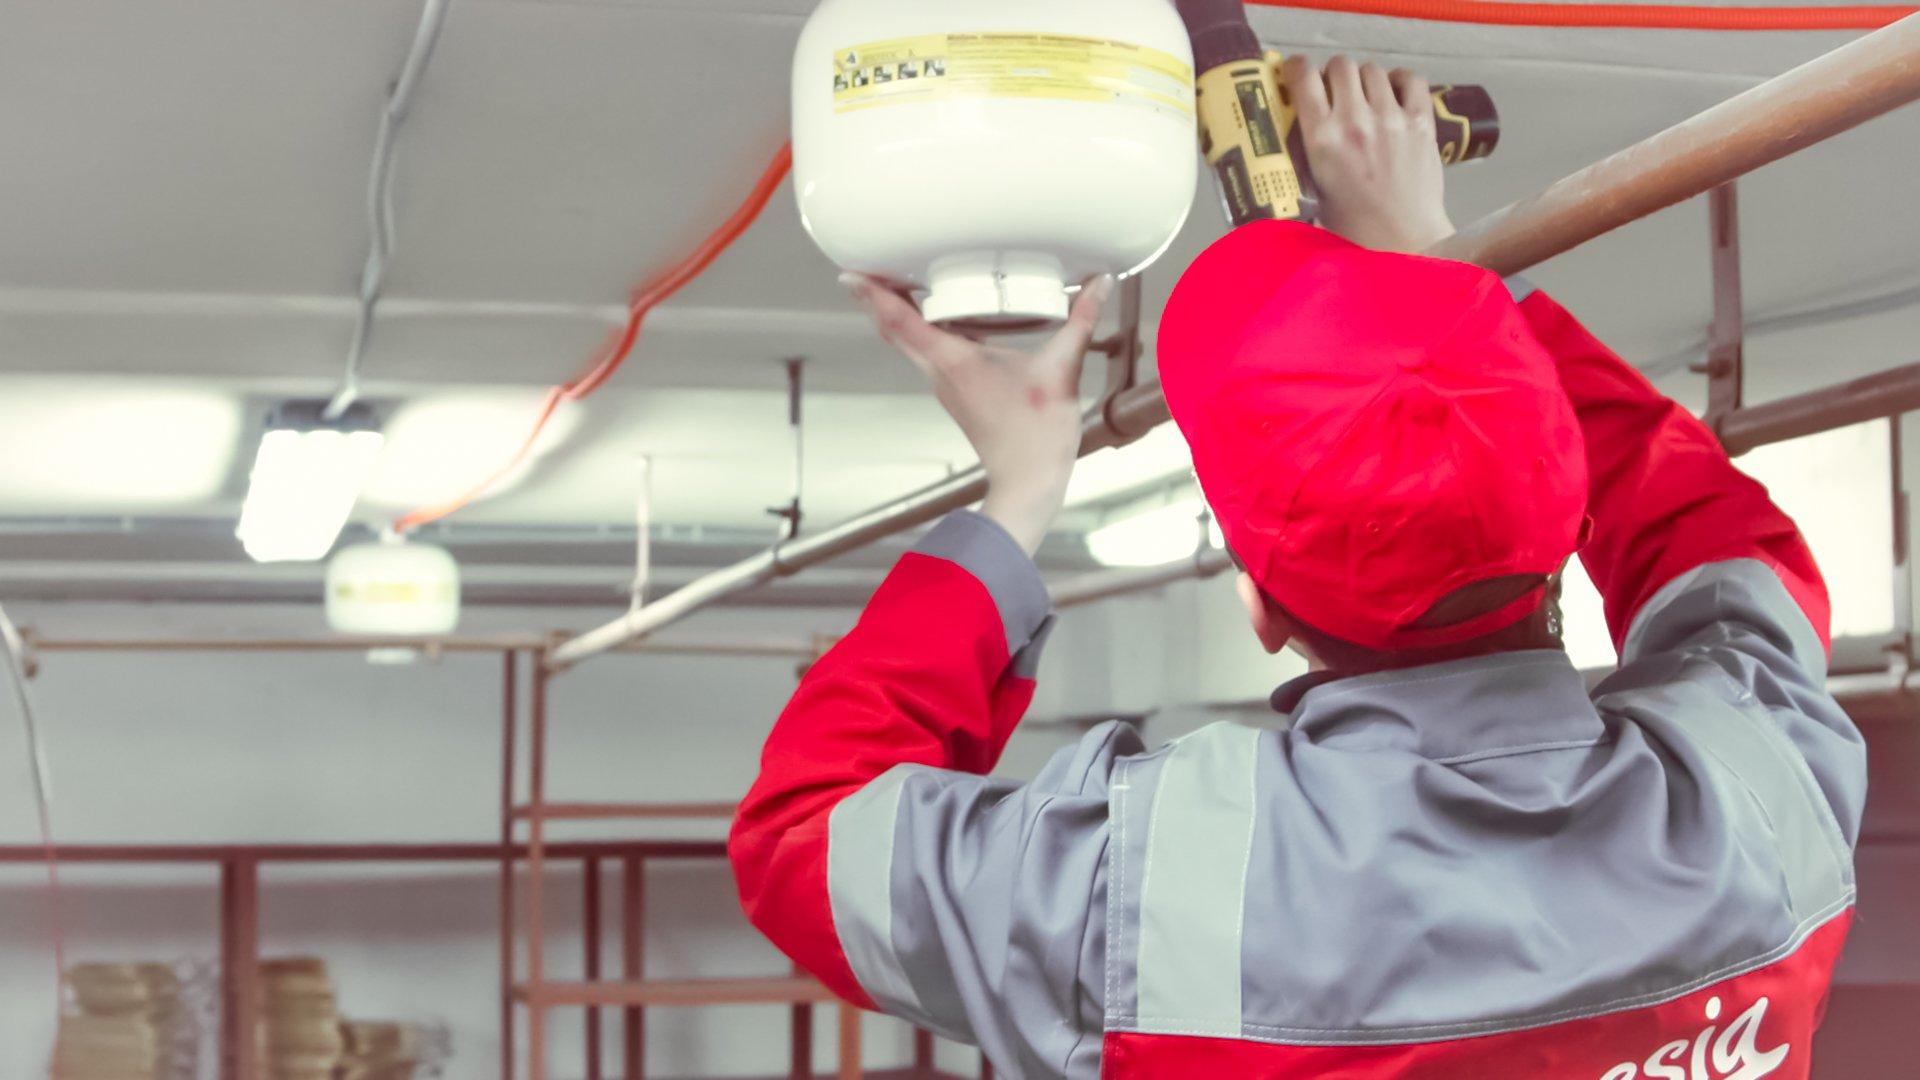 Услуги по пожарной безопасности будут включать проверку работоспособности систем защиты, изучение документов на них.